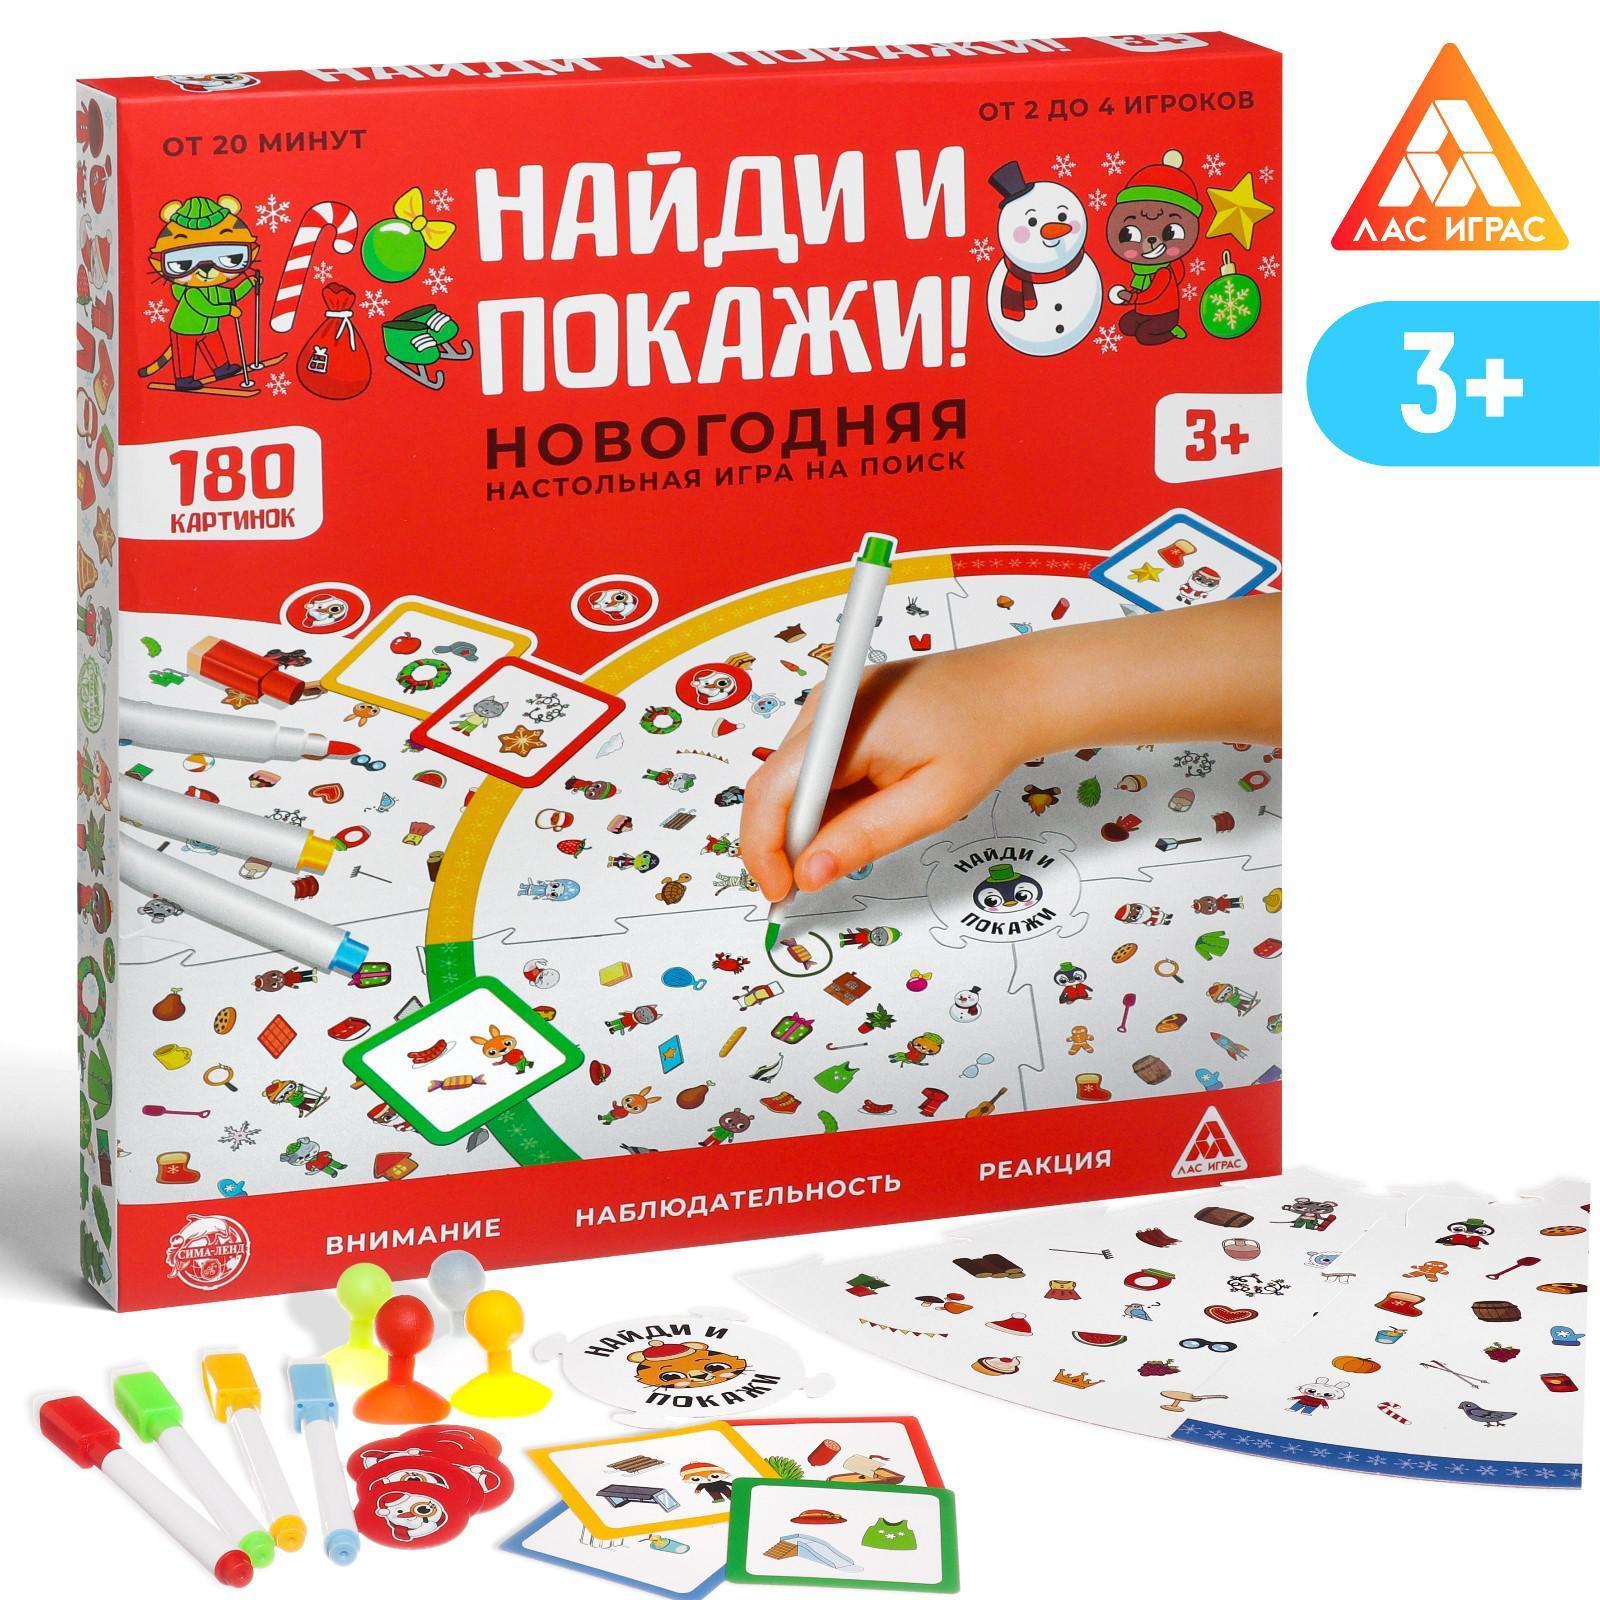 Играть в карты 4 игрока казино вулкан играть бесплатно рулетка